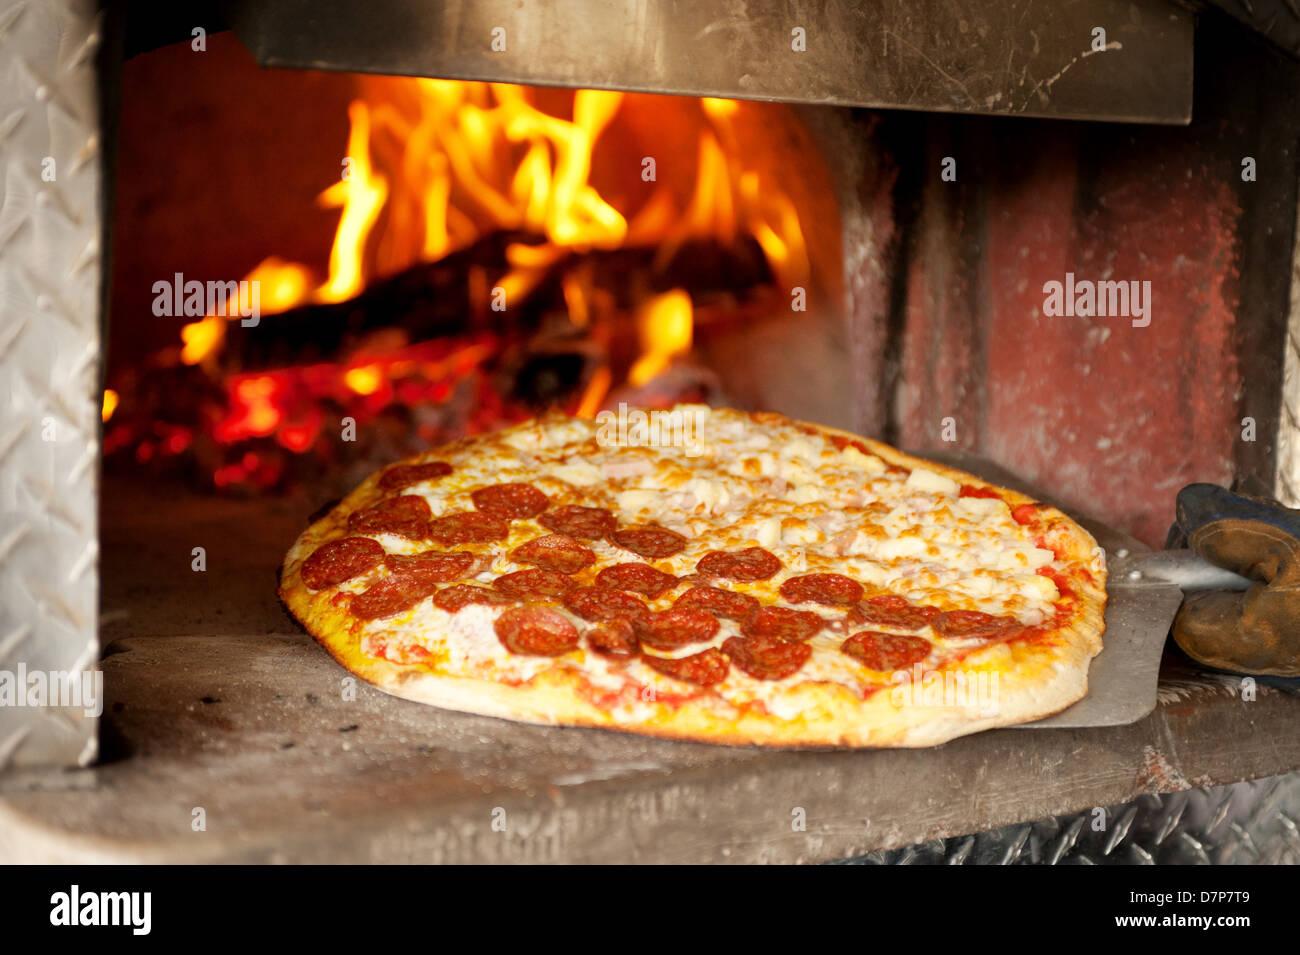 Una pizza de pepperoni se cuece en un horno de leña para pizza. Imagen De Stock